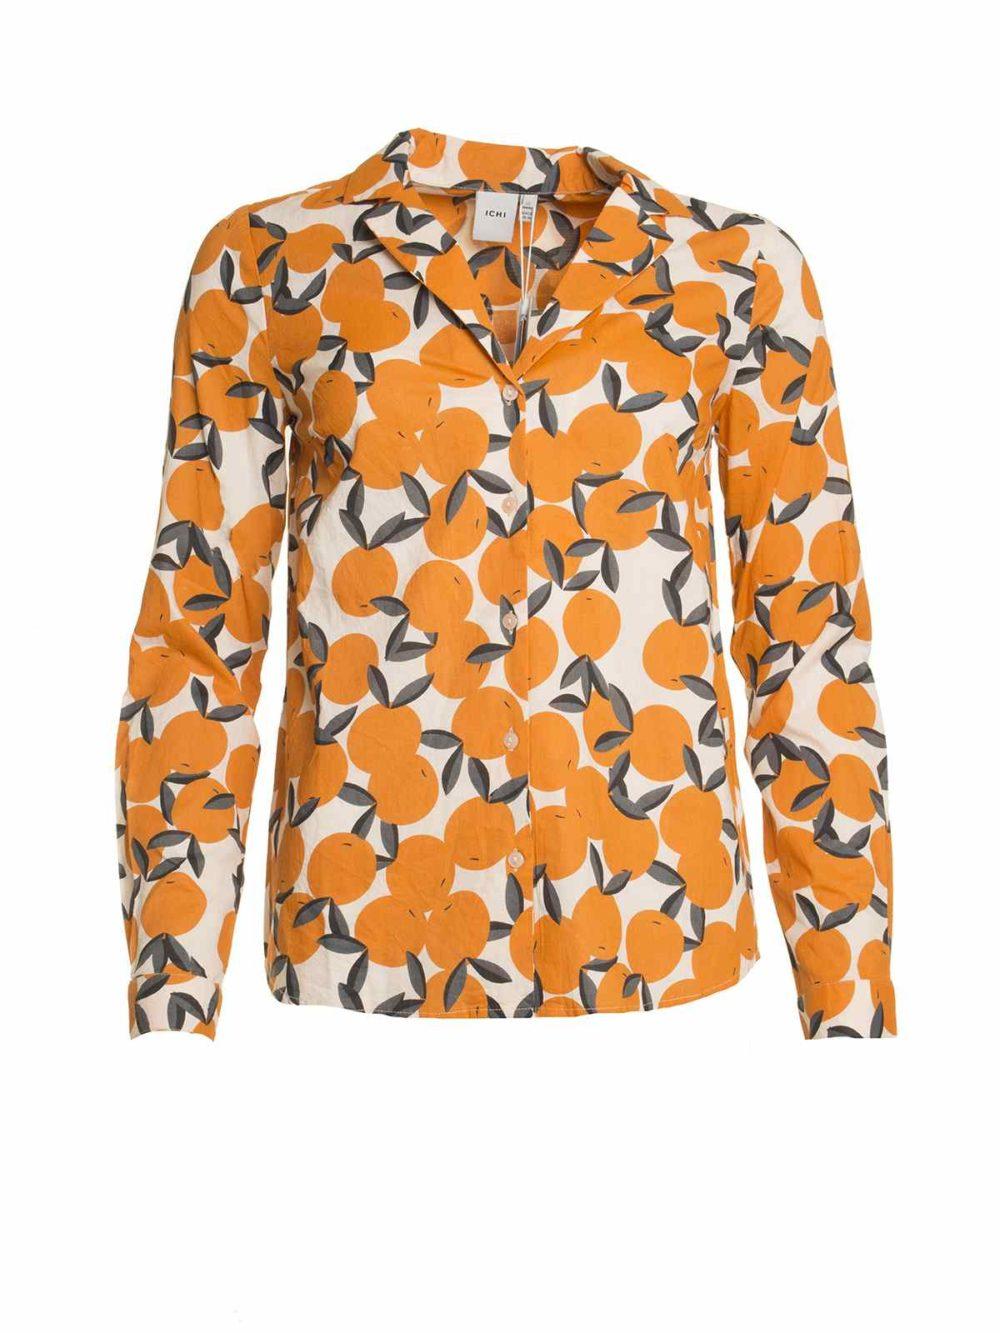 Valborg Shirt ICHI Katie Kerr Women's Clothing